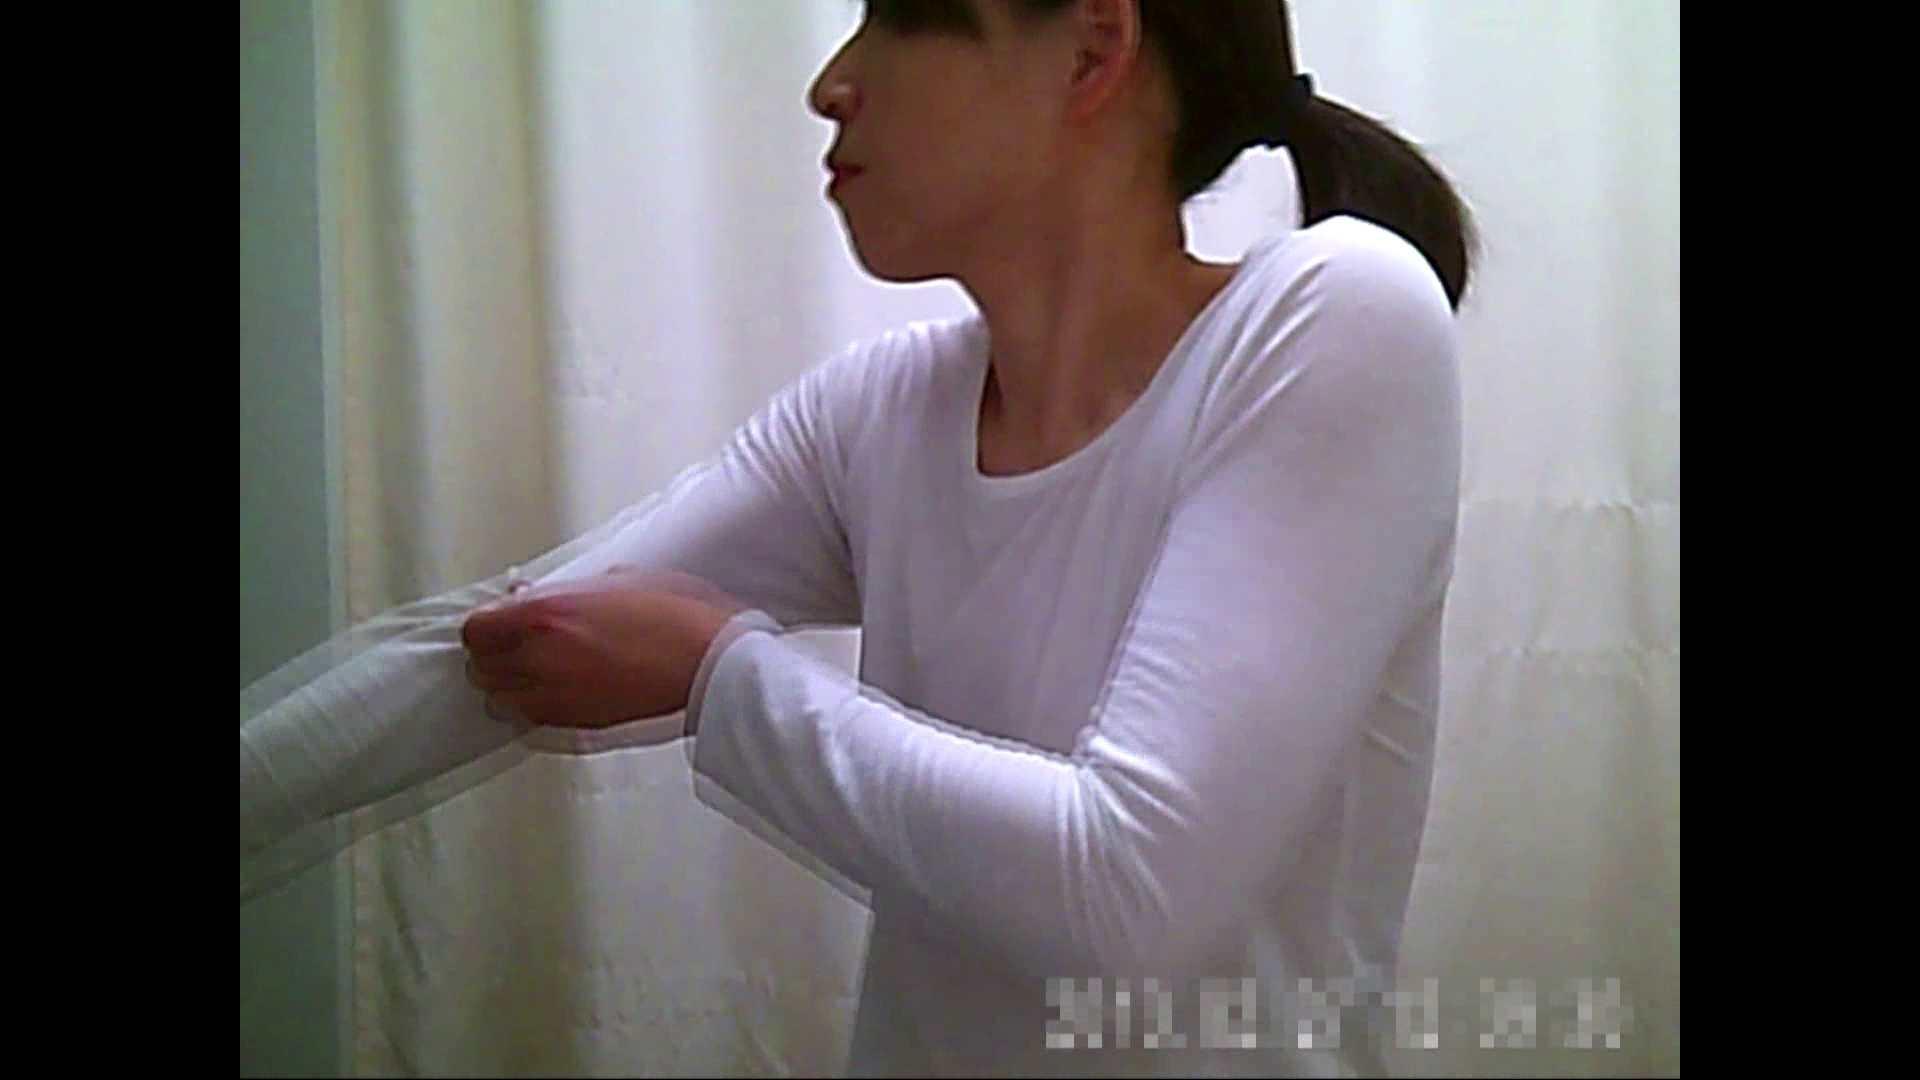 元医者による反抗 更衣室地獄絵巻 vol.104 OLハメ撮り  110Pix 64